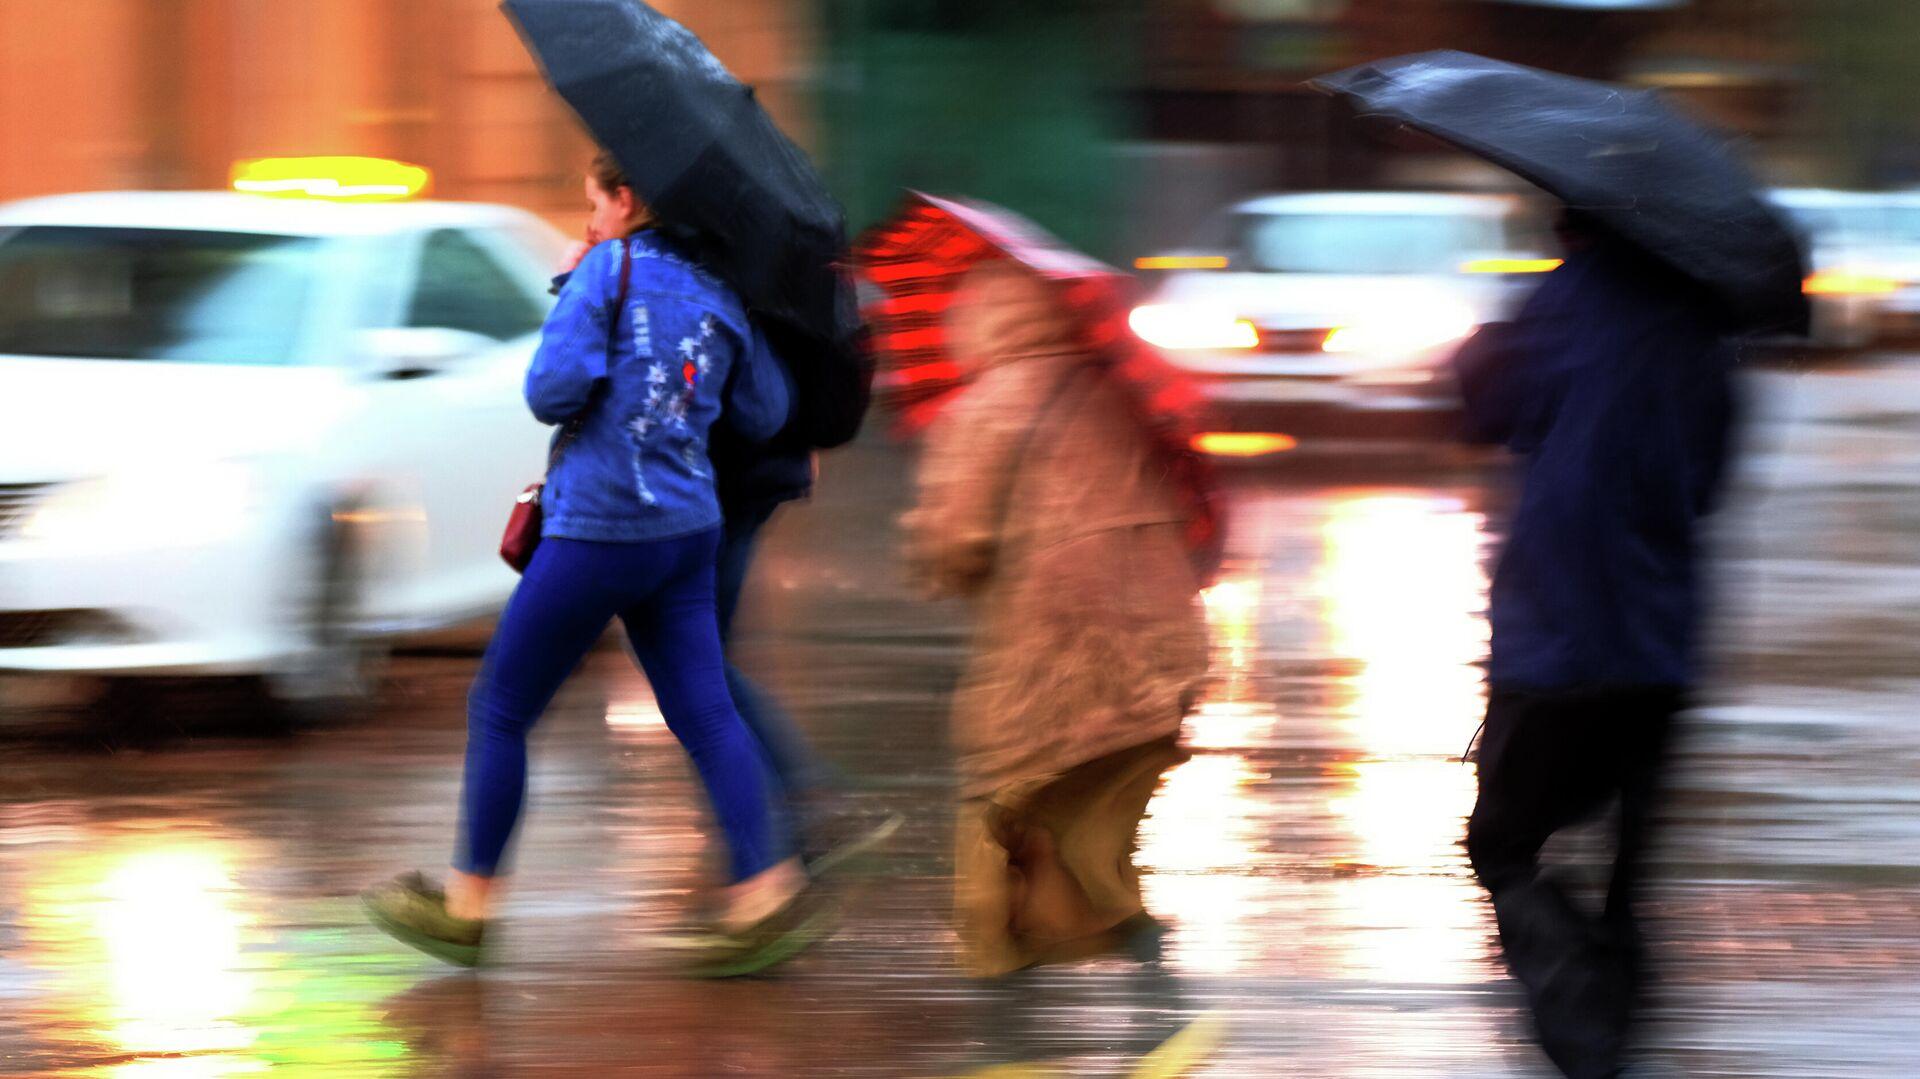 Пешеходы на улице во время сильного дождя - РИА Новости, 1920, 03.08.2021